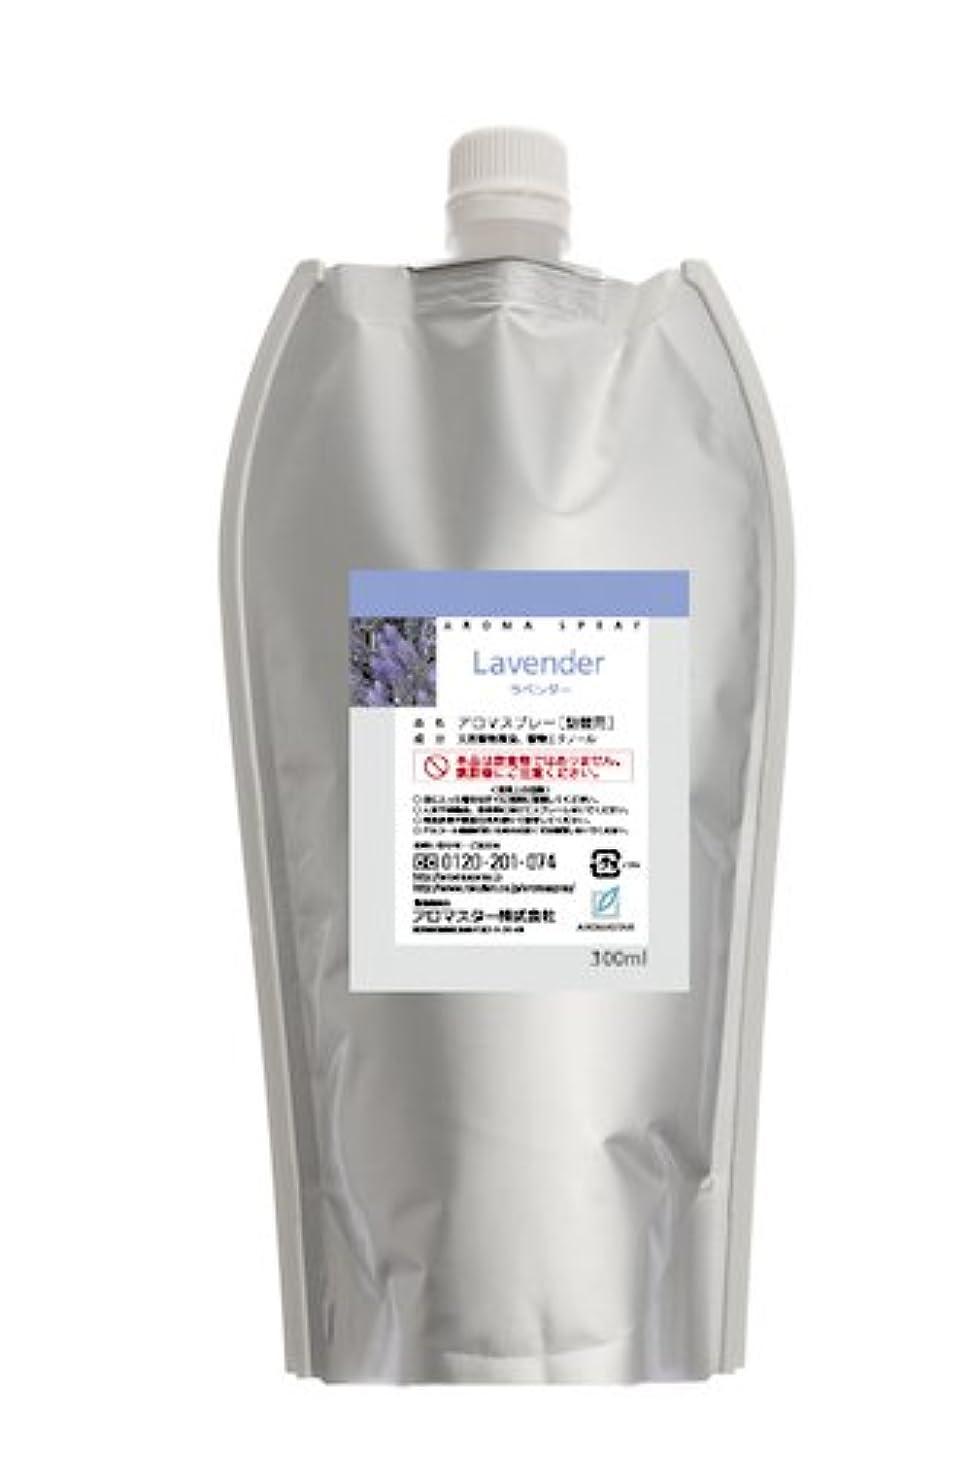 AROMASTAR(アロマスター) アロマスプレー ラベンダー 300ml詰替用(エコパック)